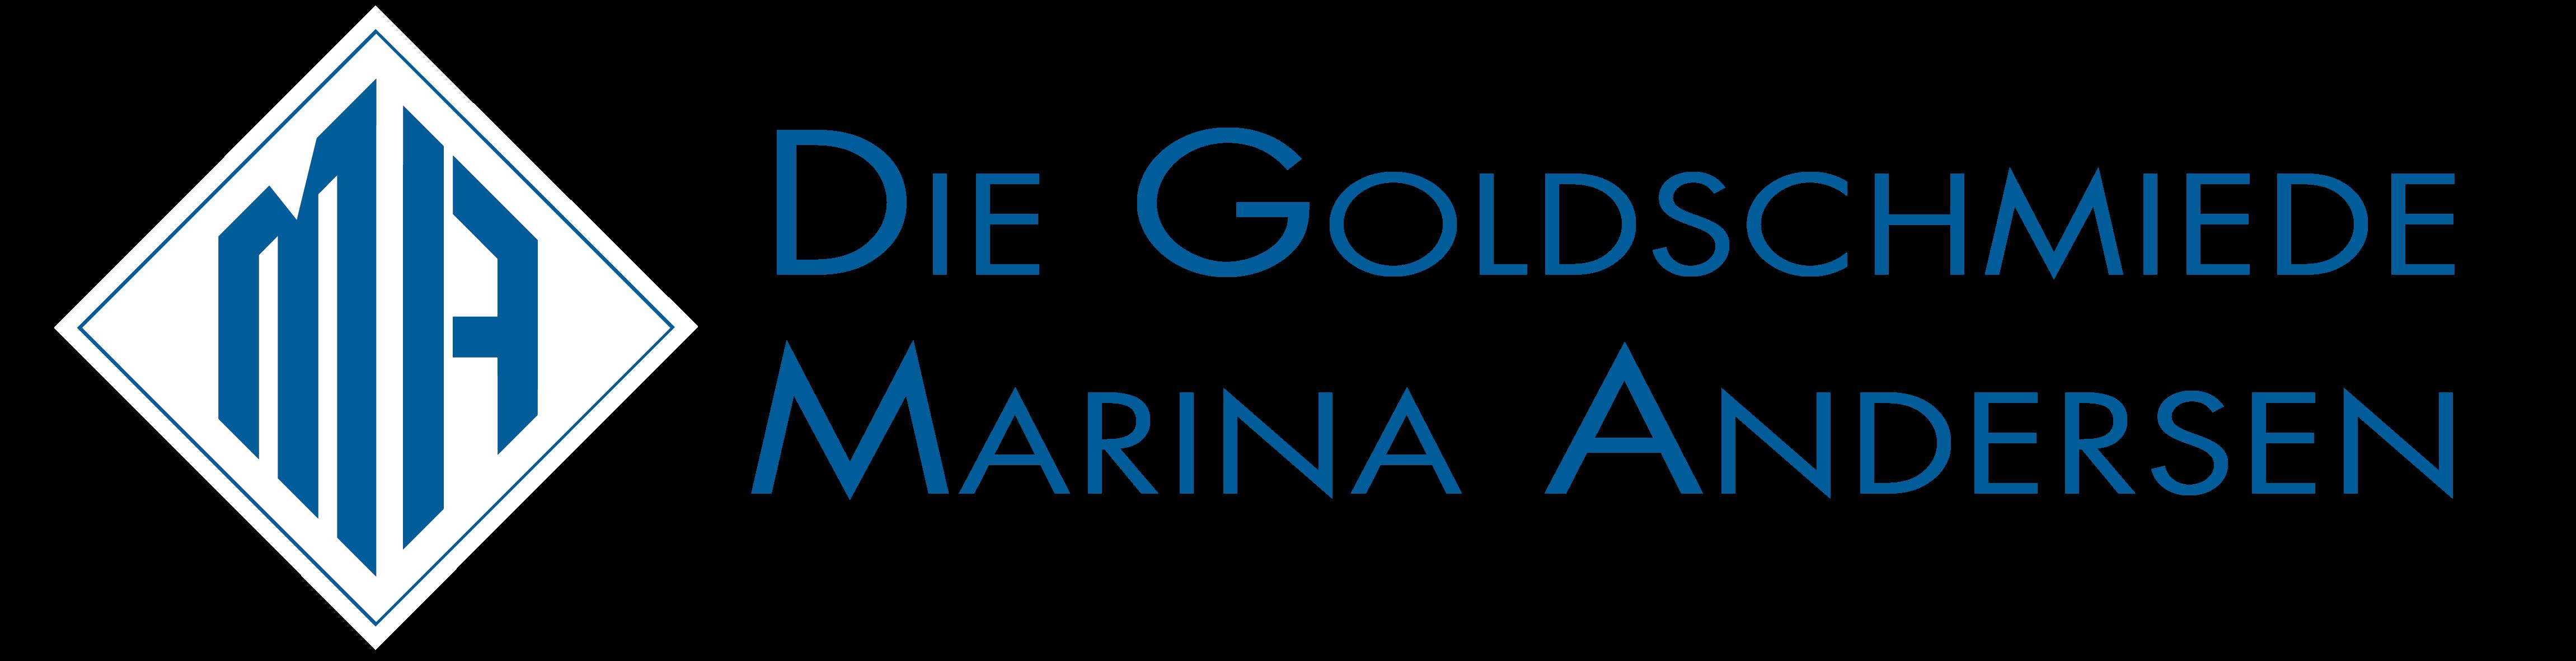 Die Goldschmiede Marina Andersen -